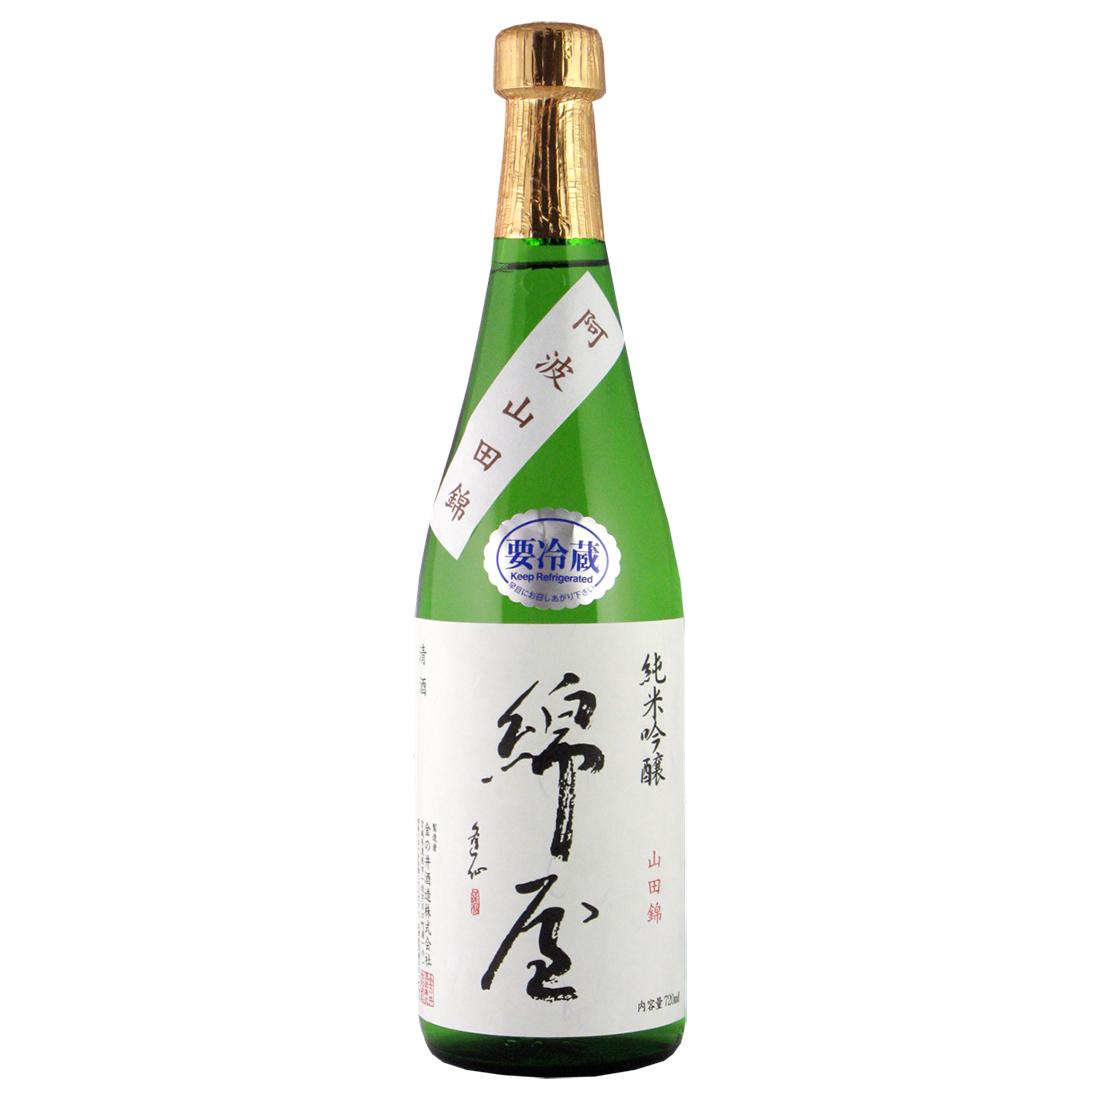 綿屋 純米吟醸酒 山田錦55